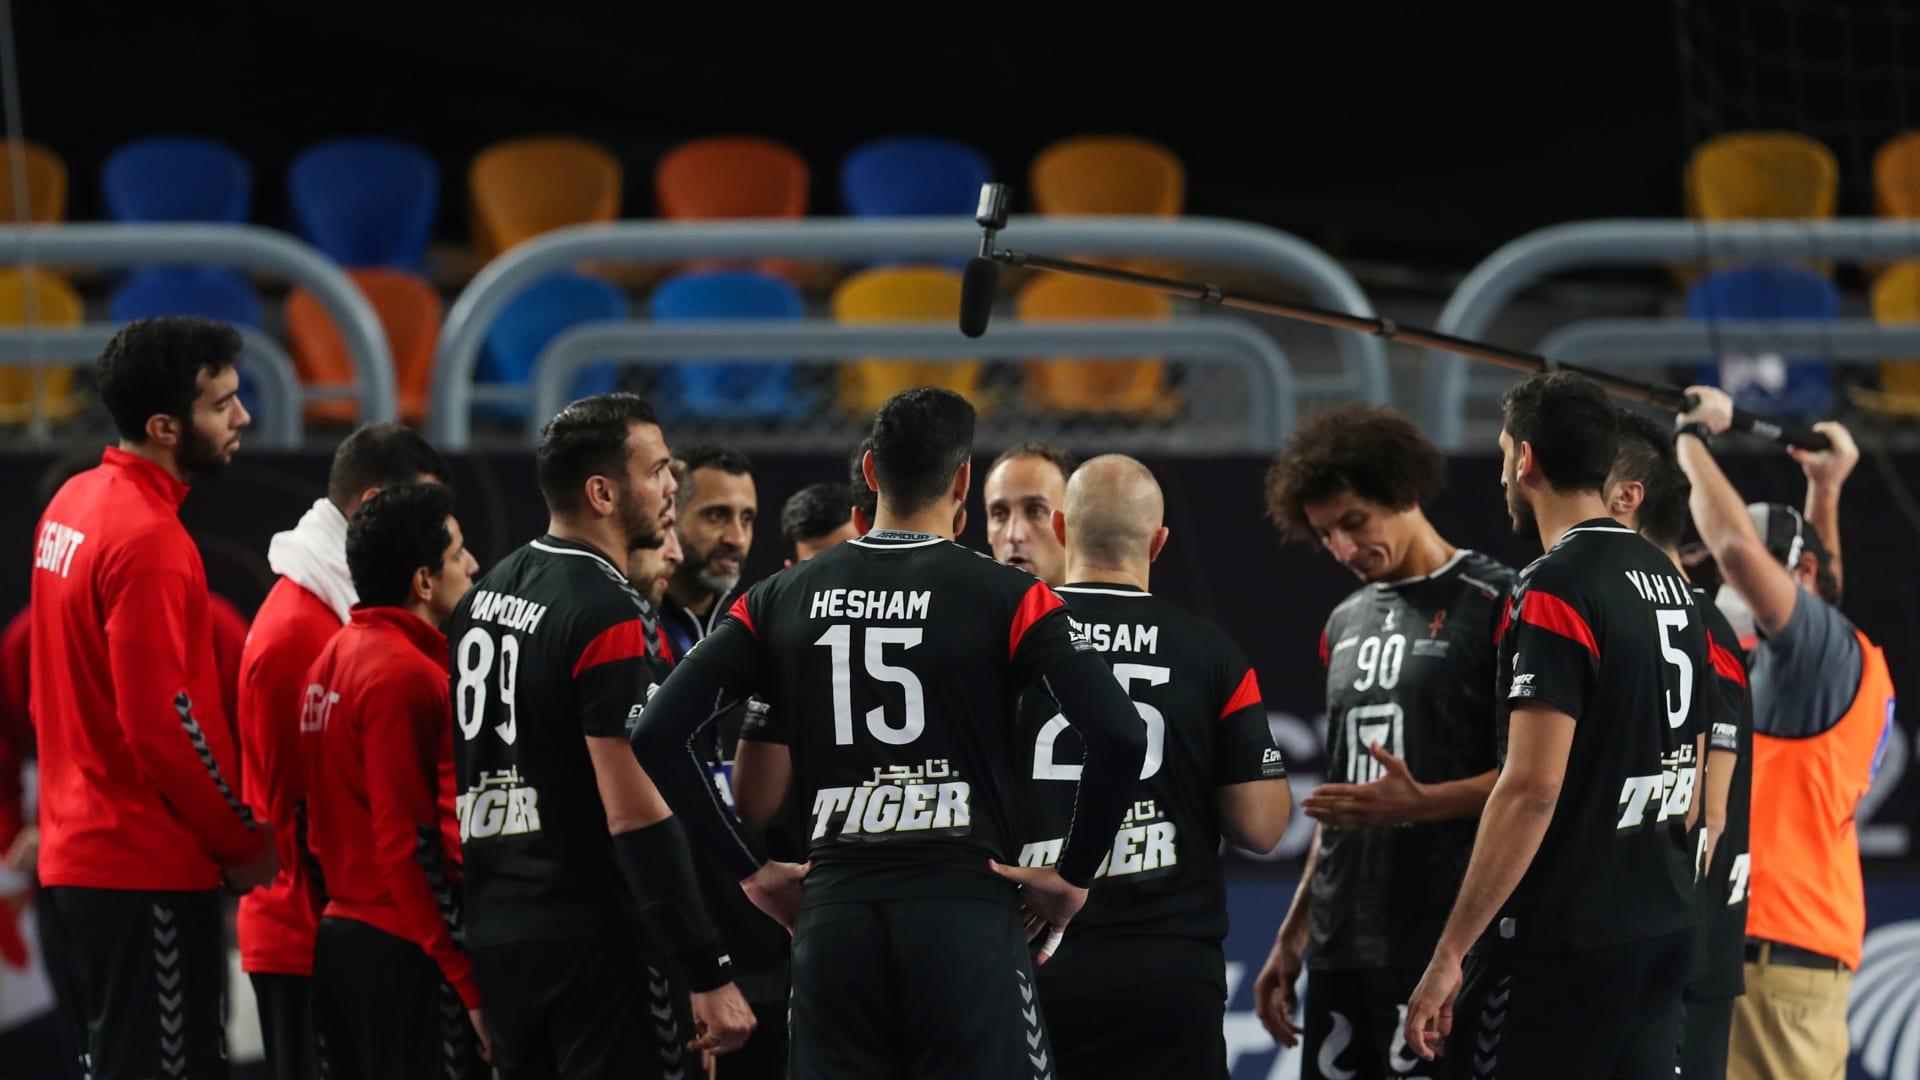 منتخب مصر يودع مونديال اليد بعد مباراة ملحمية انتهت لصالح الدنمارك